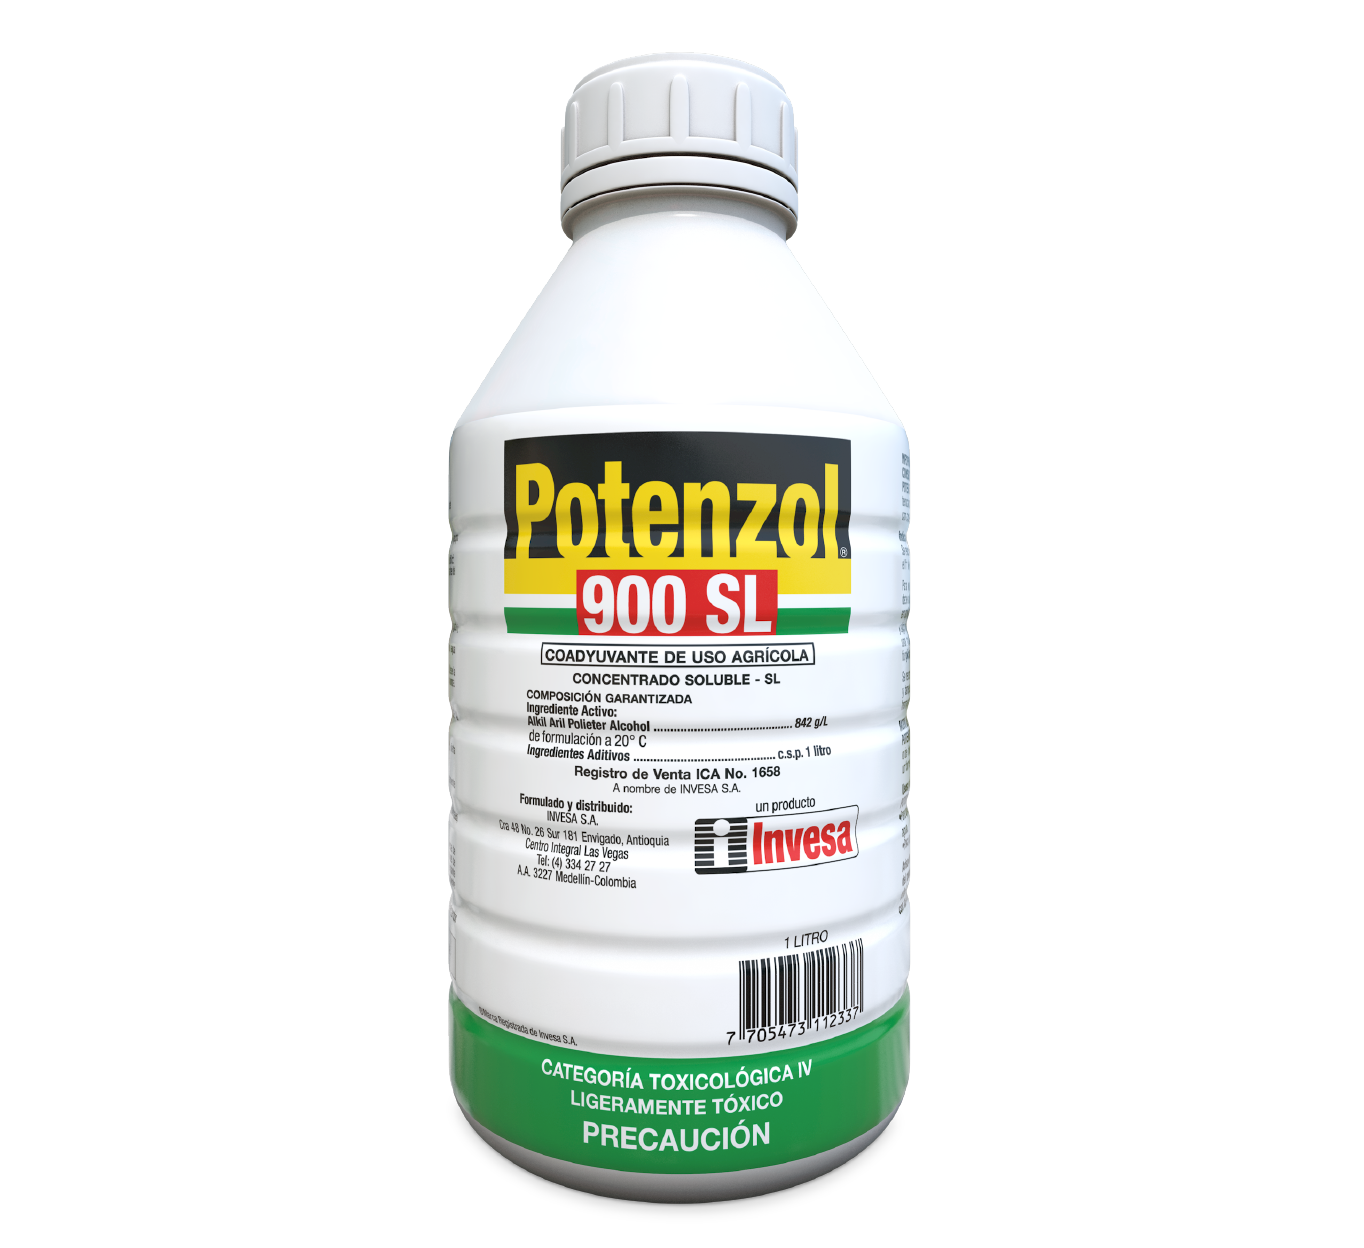 Coadyuvante-Potenzol-900-SL-Invesa-1-Litro.png